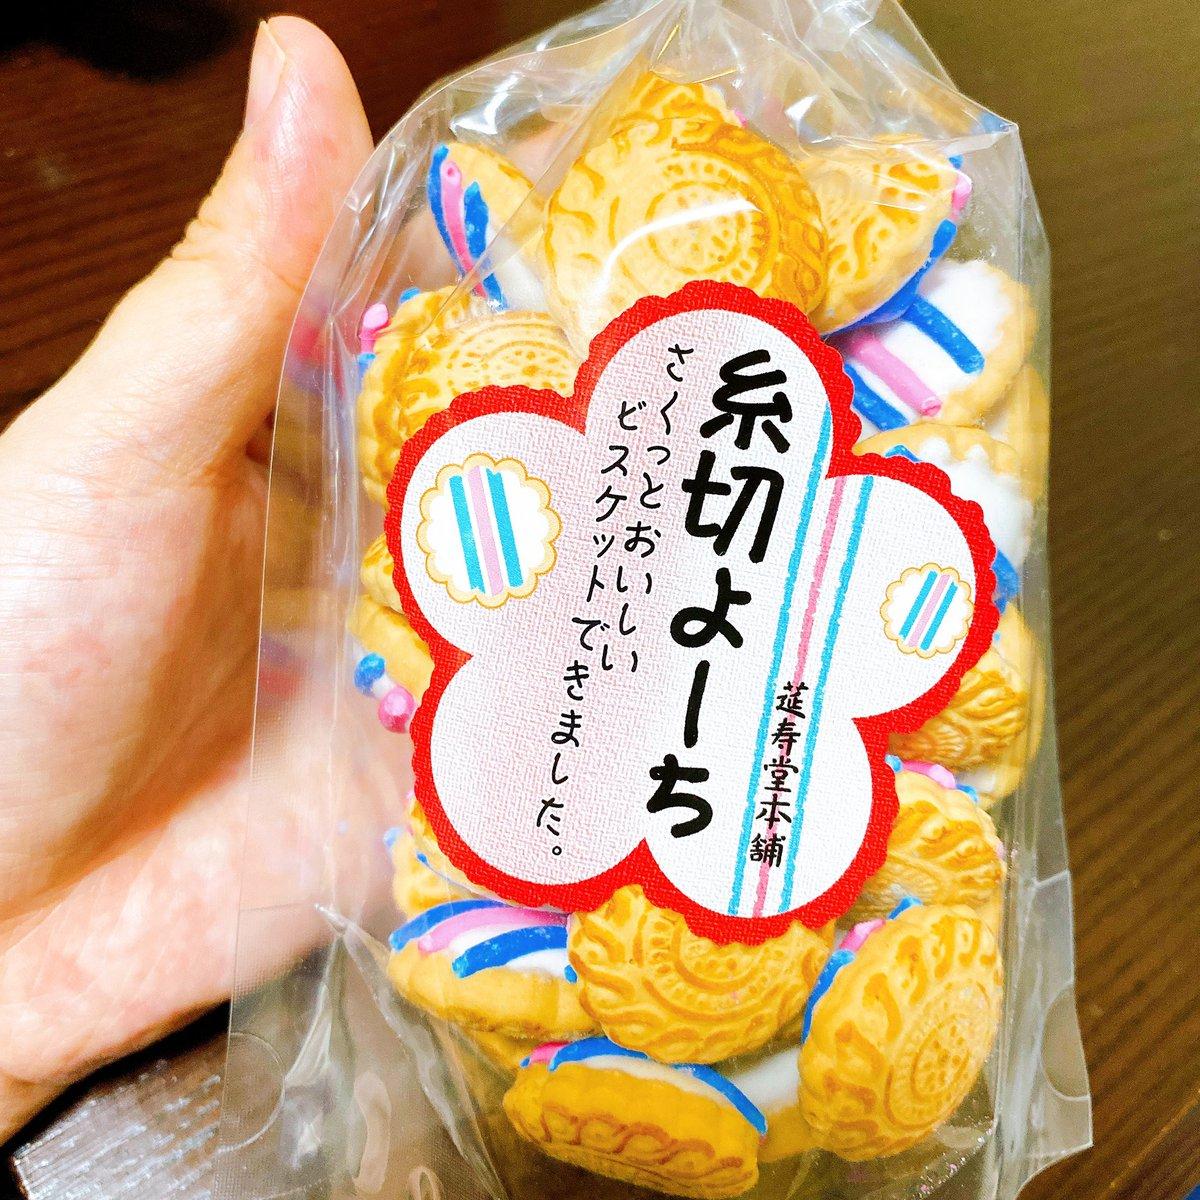 test ツイッターメディア - 糸切餅は食べてしまった為、写真はありません😭 https://t.co/q6NJ3oRdDr